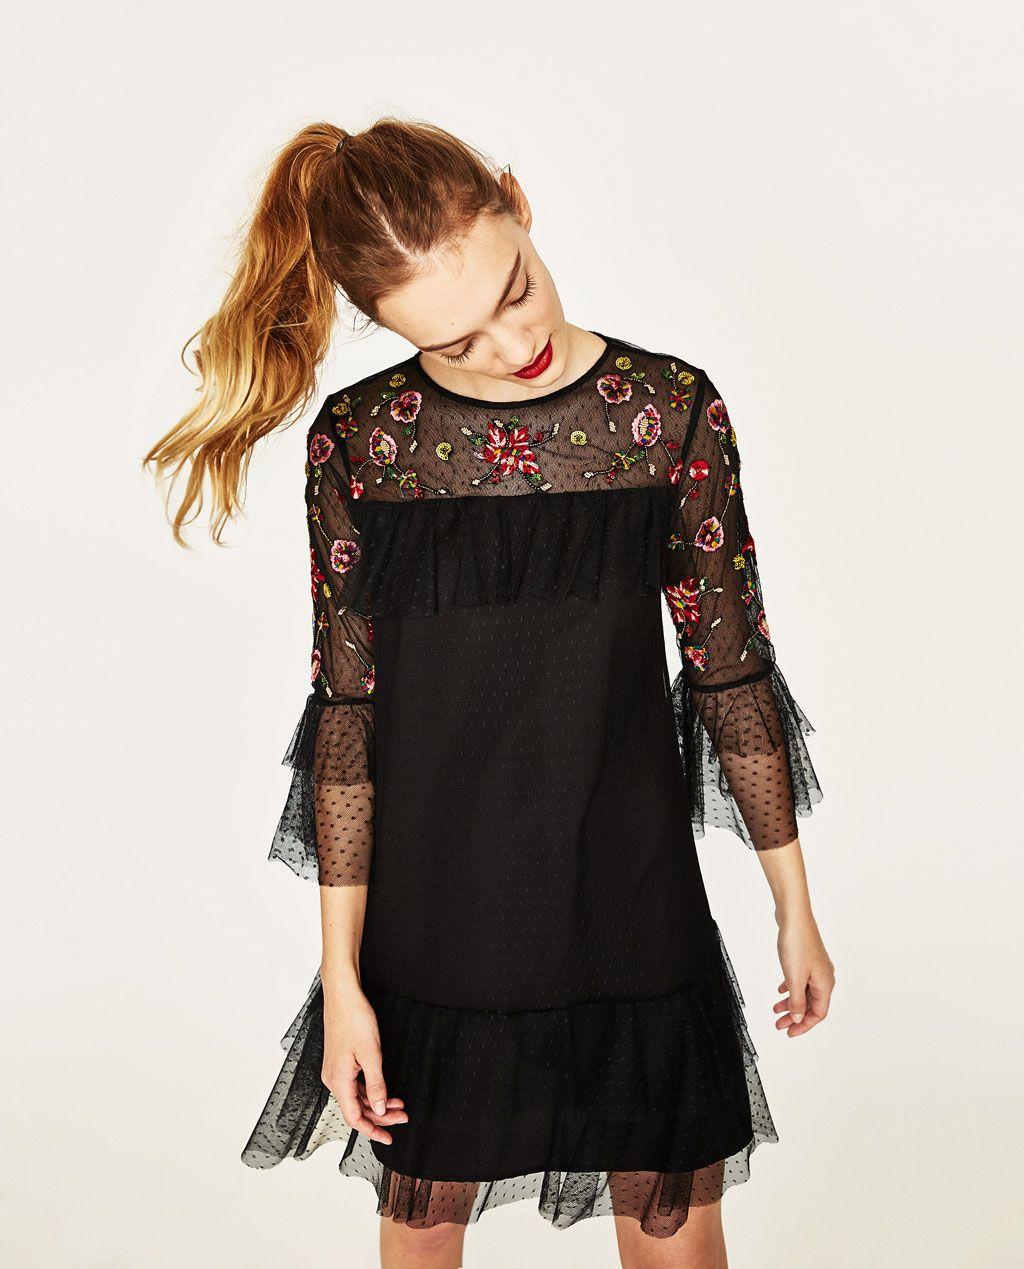 Imagen de vestido bordado tull de zara proyectos de costura